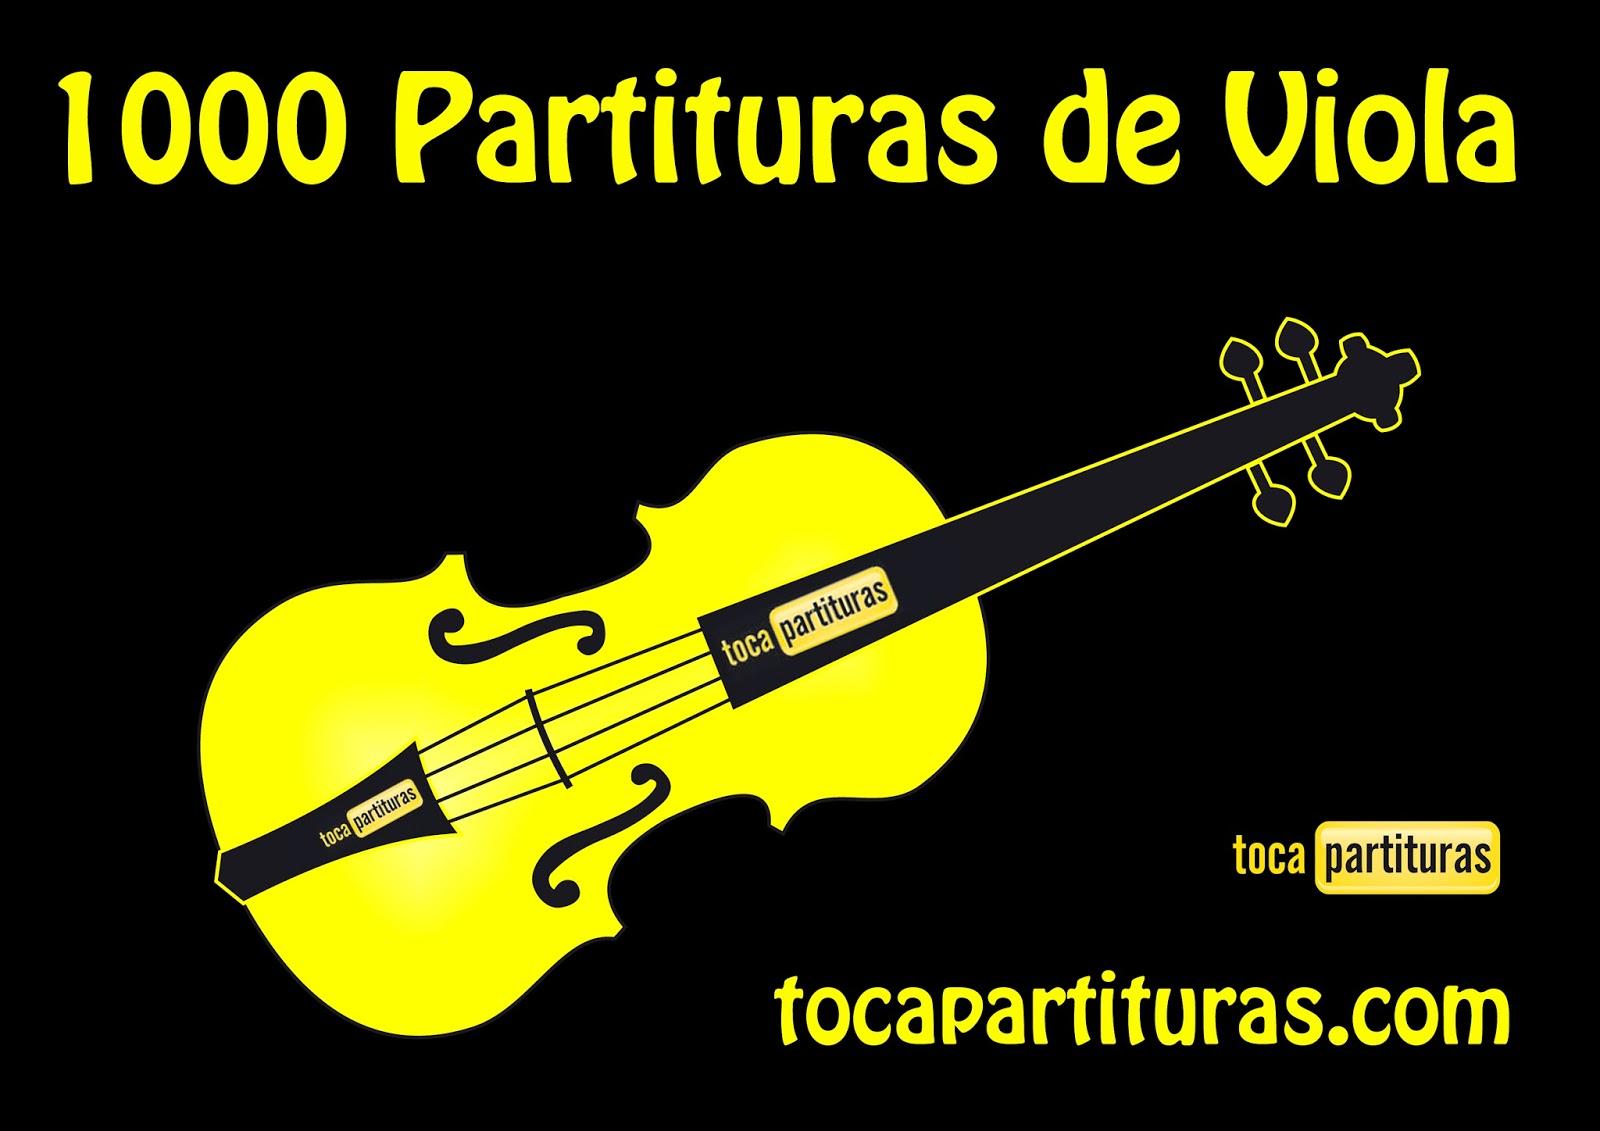 """Partituras de Viola """"1000 Partituras Musicales para tocar con tu Viola"""" tocapartituras.com para Violistas http://www.tocapartituras.com/p/partituras.html"""